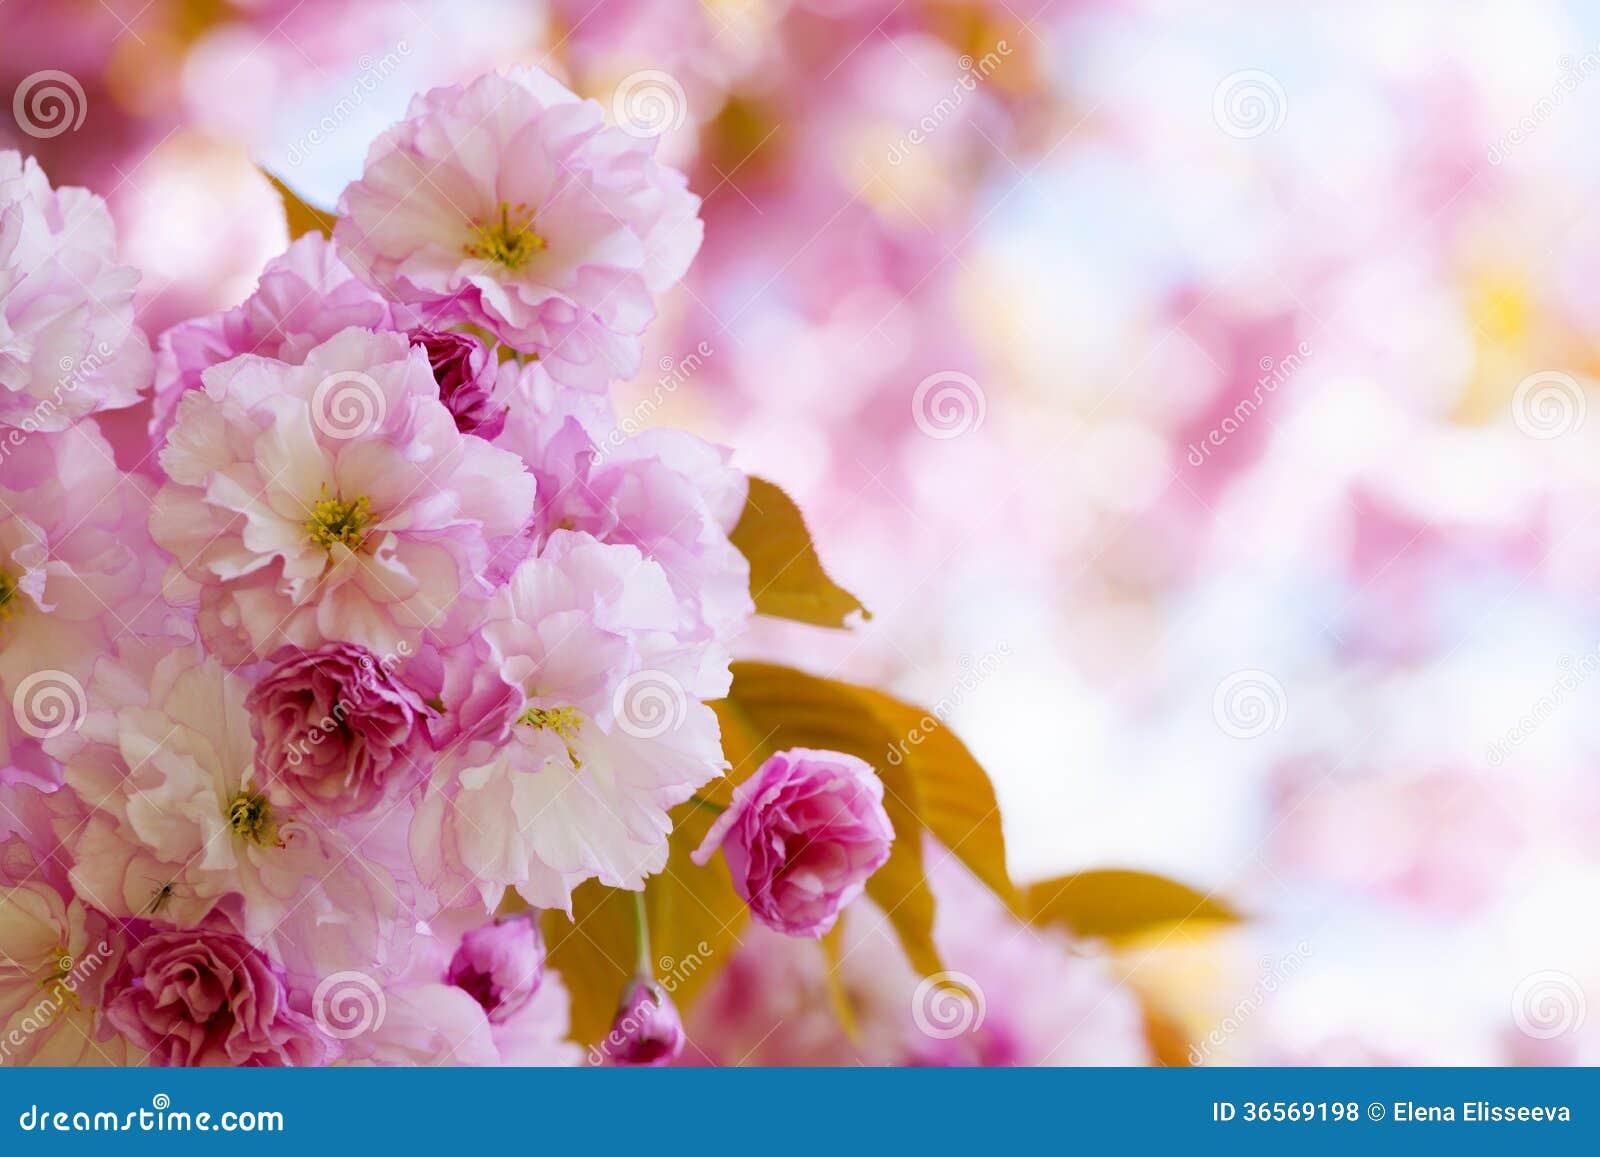 Fiori Di Ciliegia Rosa Nel Frutteto Di Primavera ...